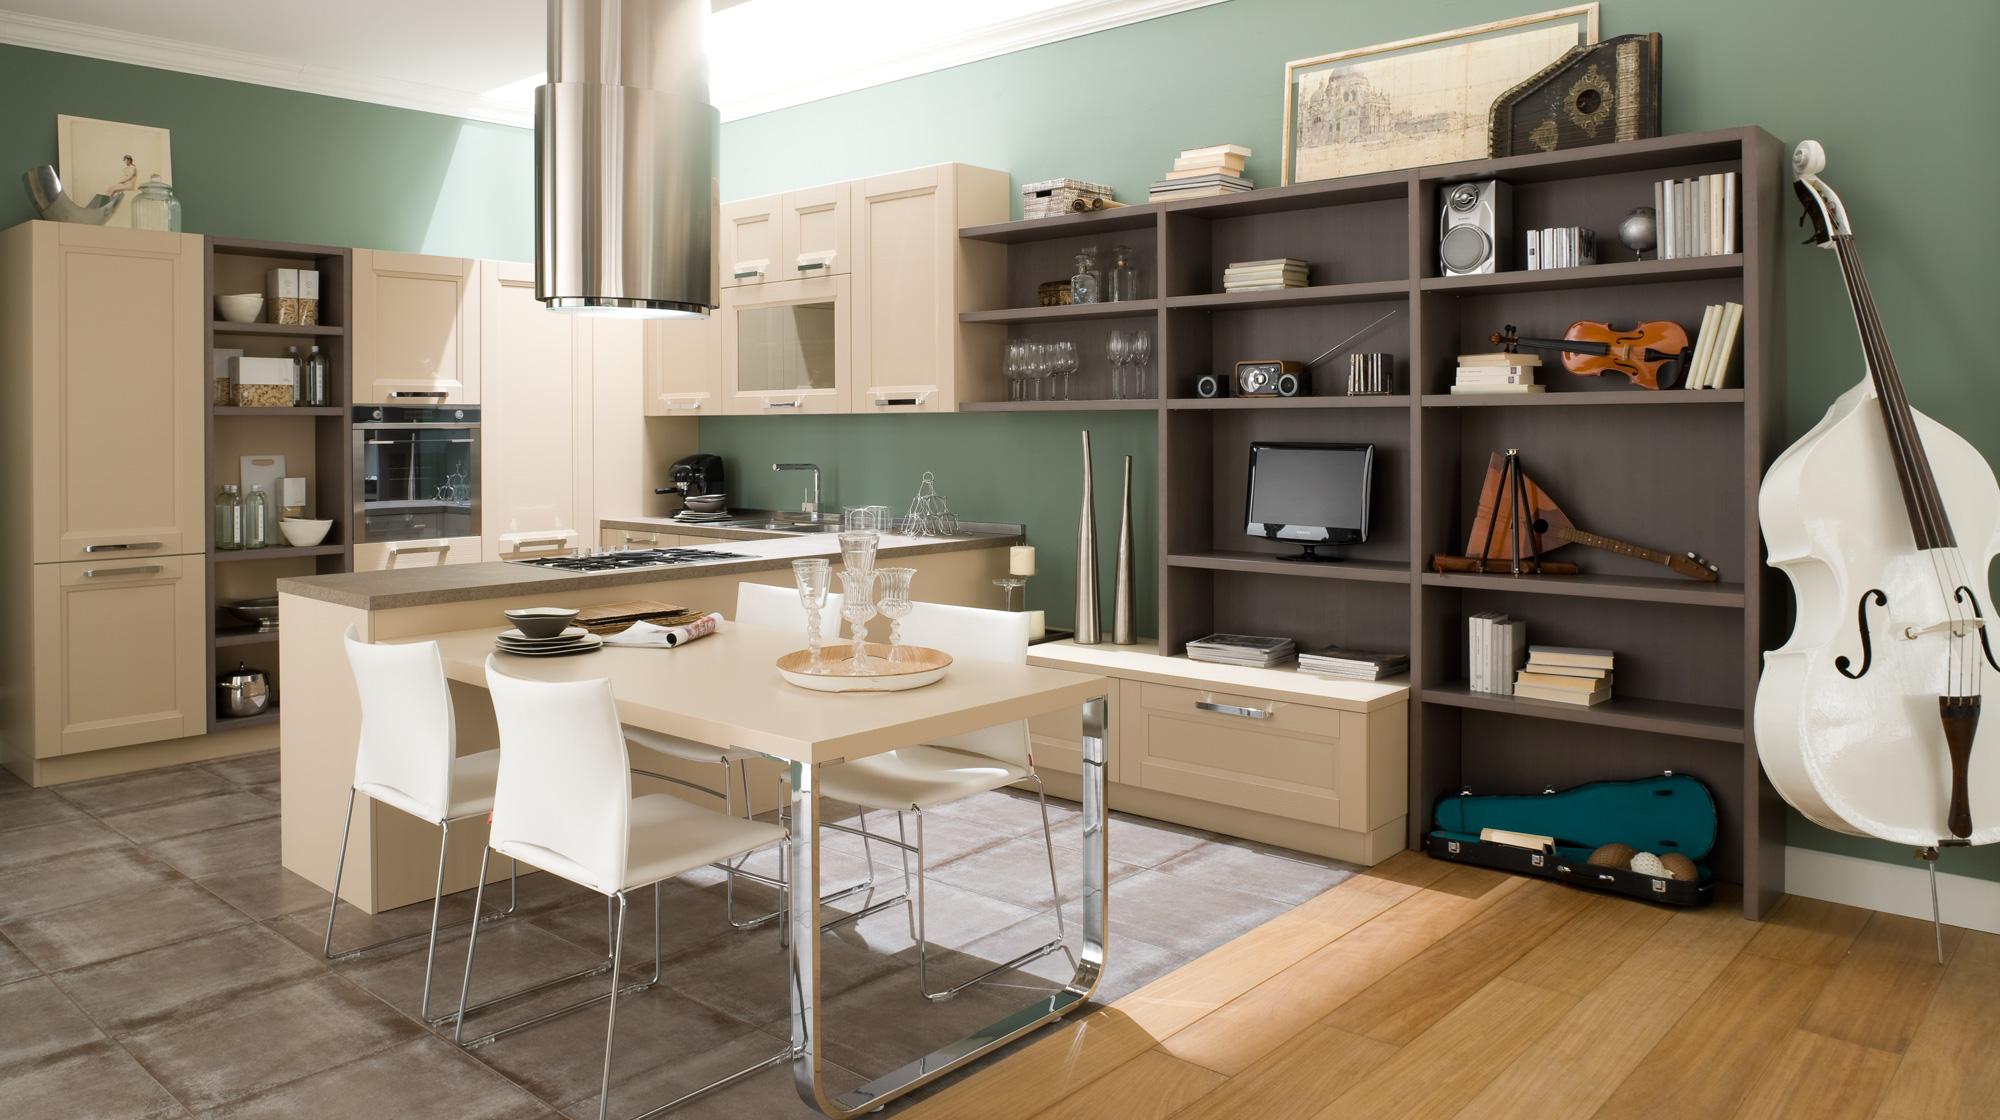 مدل کابینت آشپزخانه در کنار فضای پذیرایی به صورت ال شکل